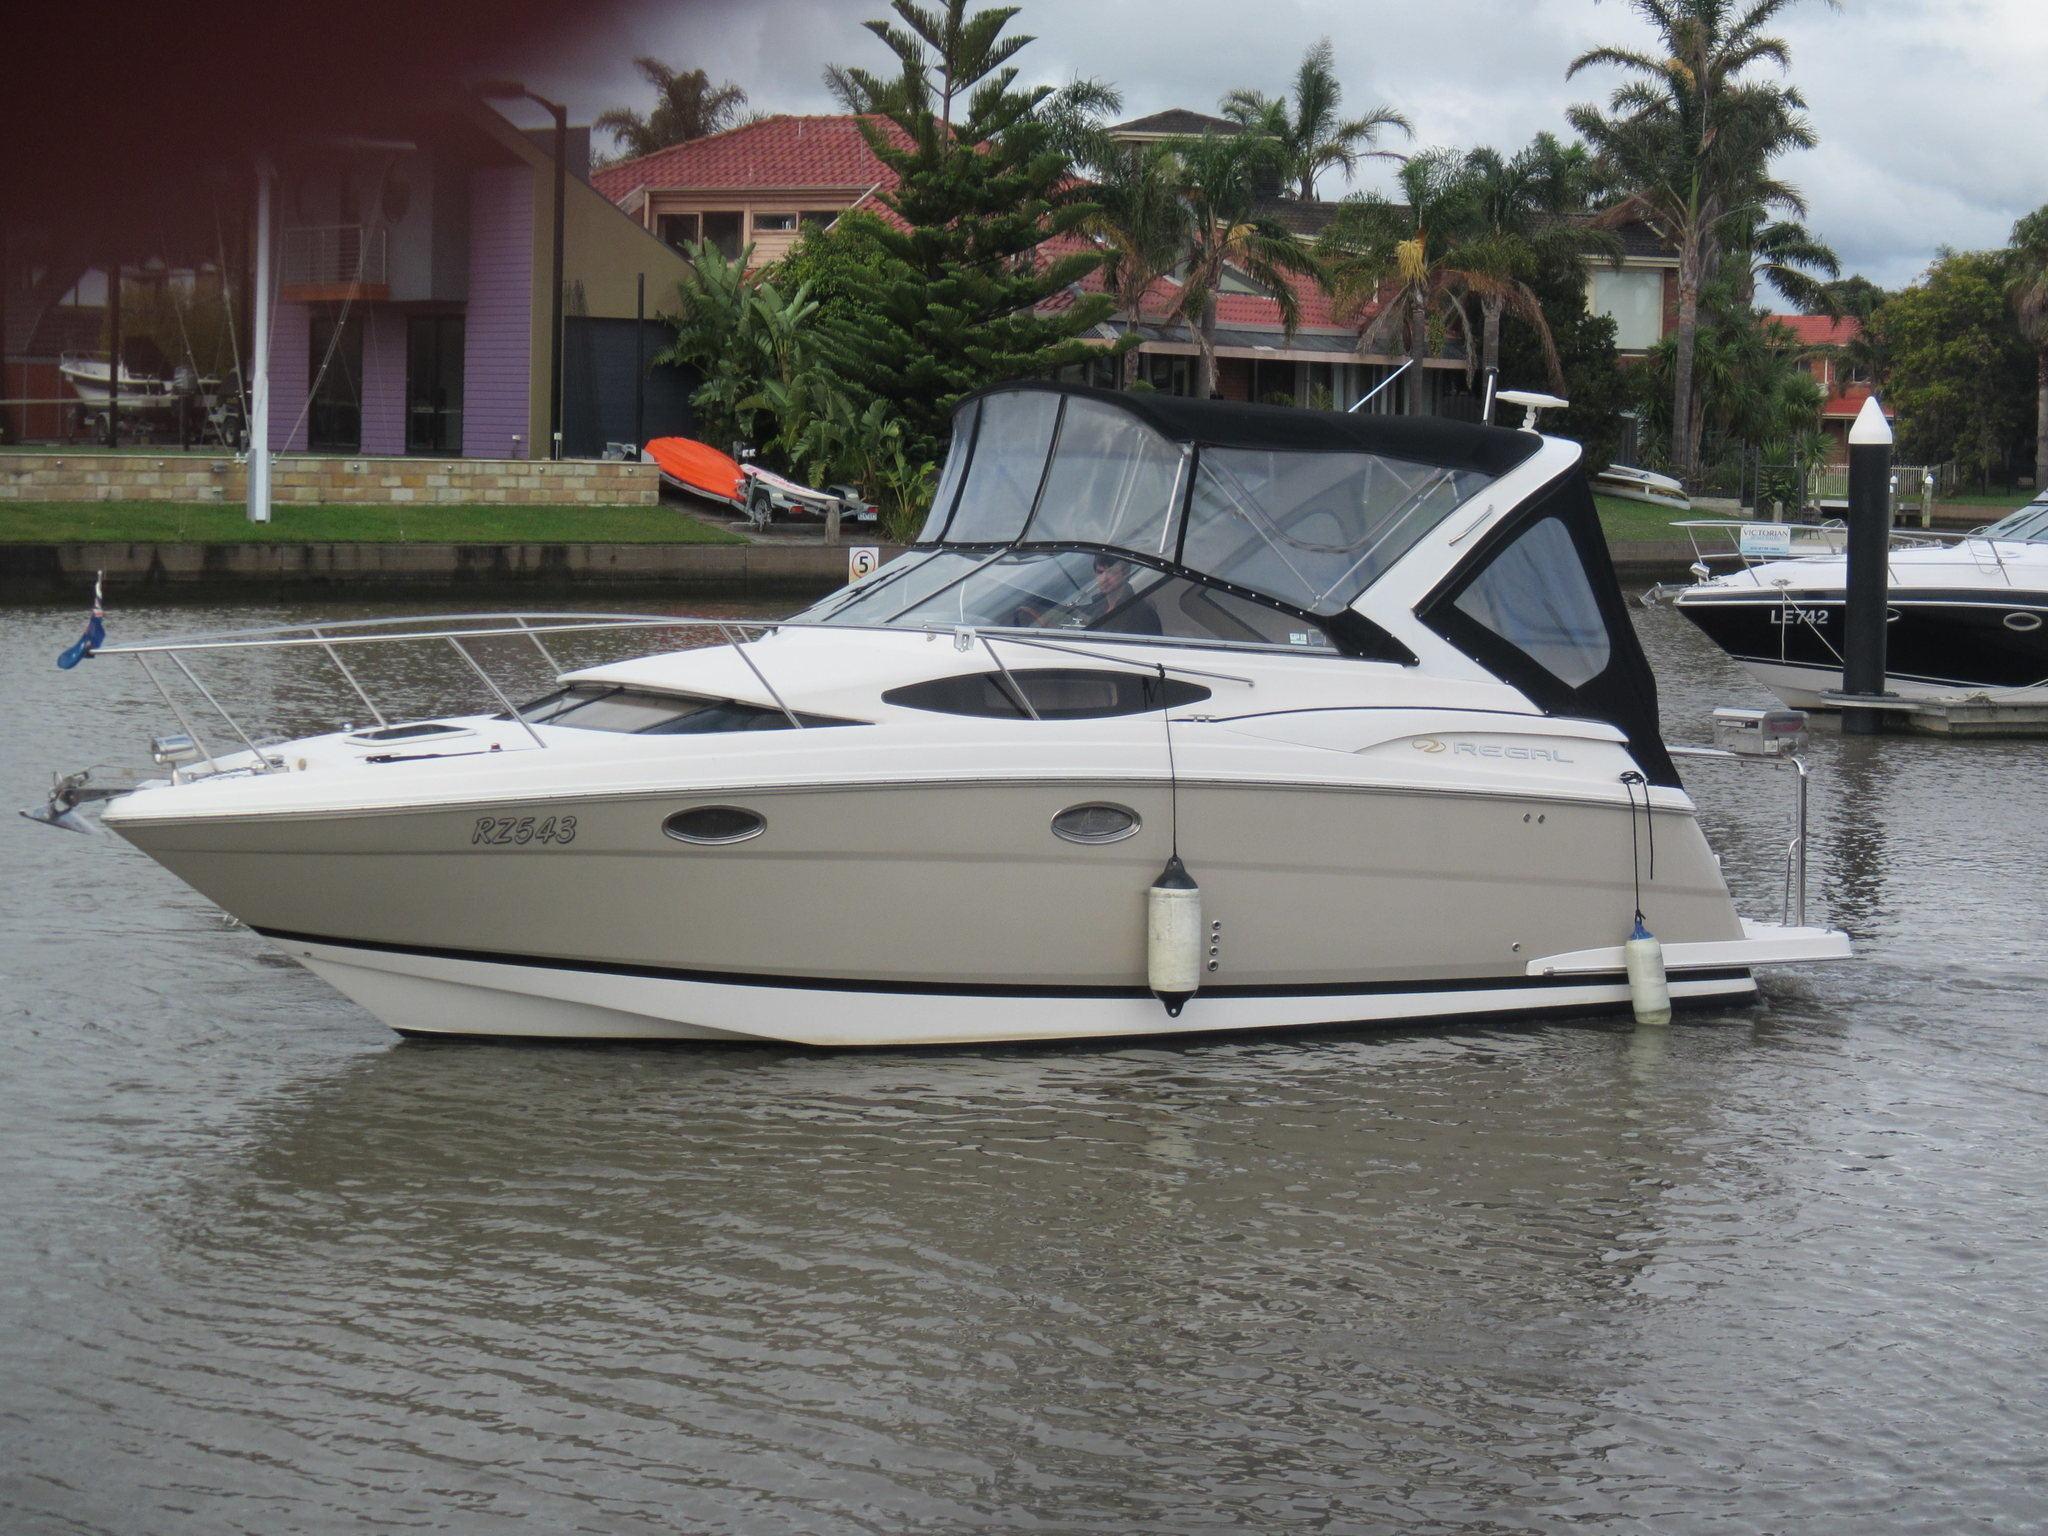 Regal-2860-034 Victorian Boat Sales